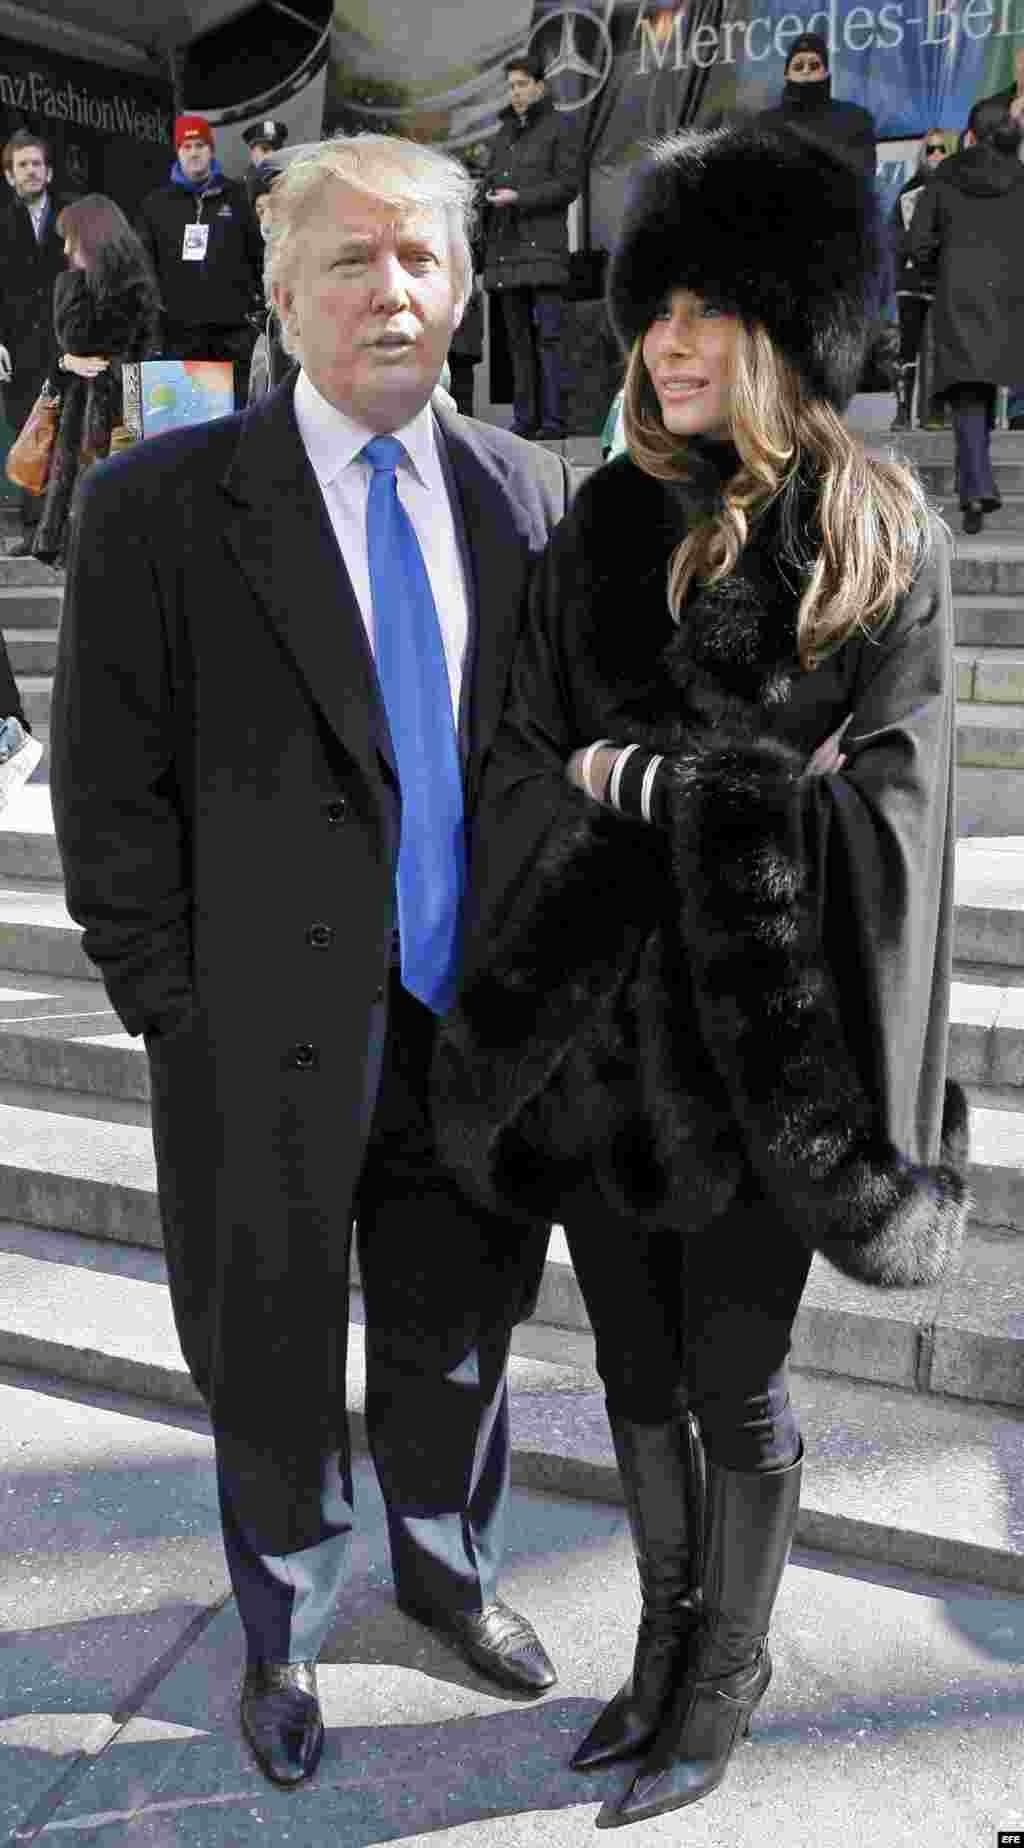 Donald y Melania Trump salen del festival de la moda Michael Kors en la semana Mercedes Benz, en Nueva York, en febrero de 2007.